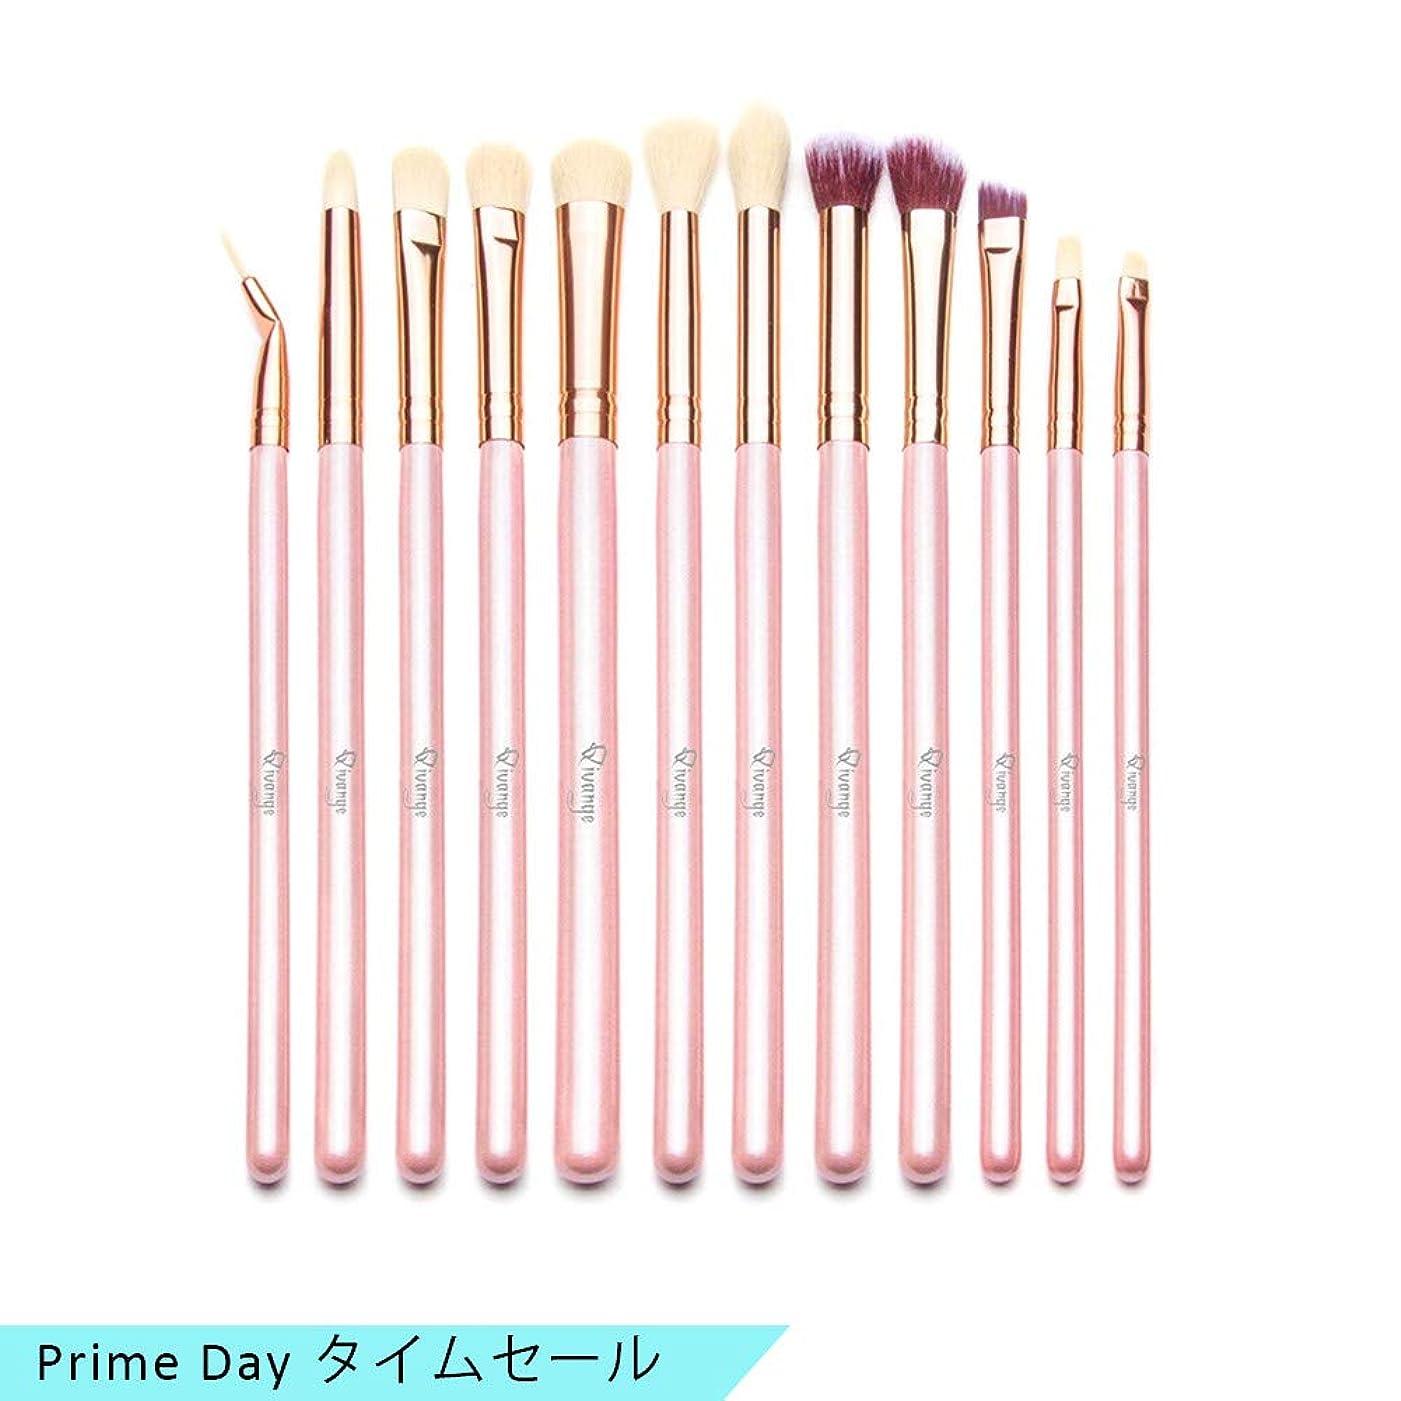 成功する王女チョップQivangeアイシャドウブラシ 12本セット 可愛いメイクブラシ 手柄キラキラ 化粧筆 化粧ポーチ付き 旅行に便利(ピンク) …